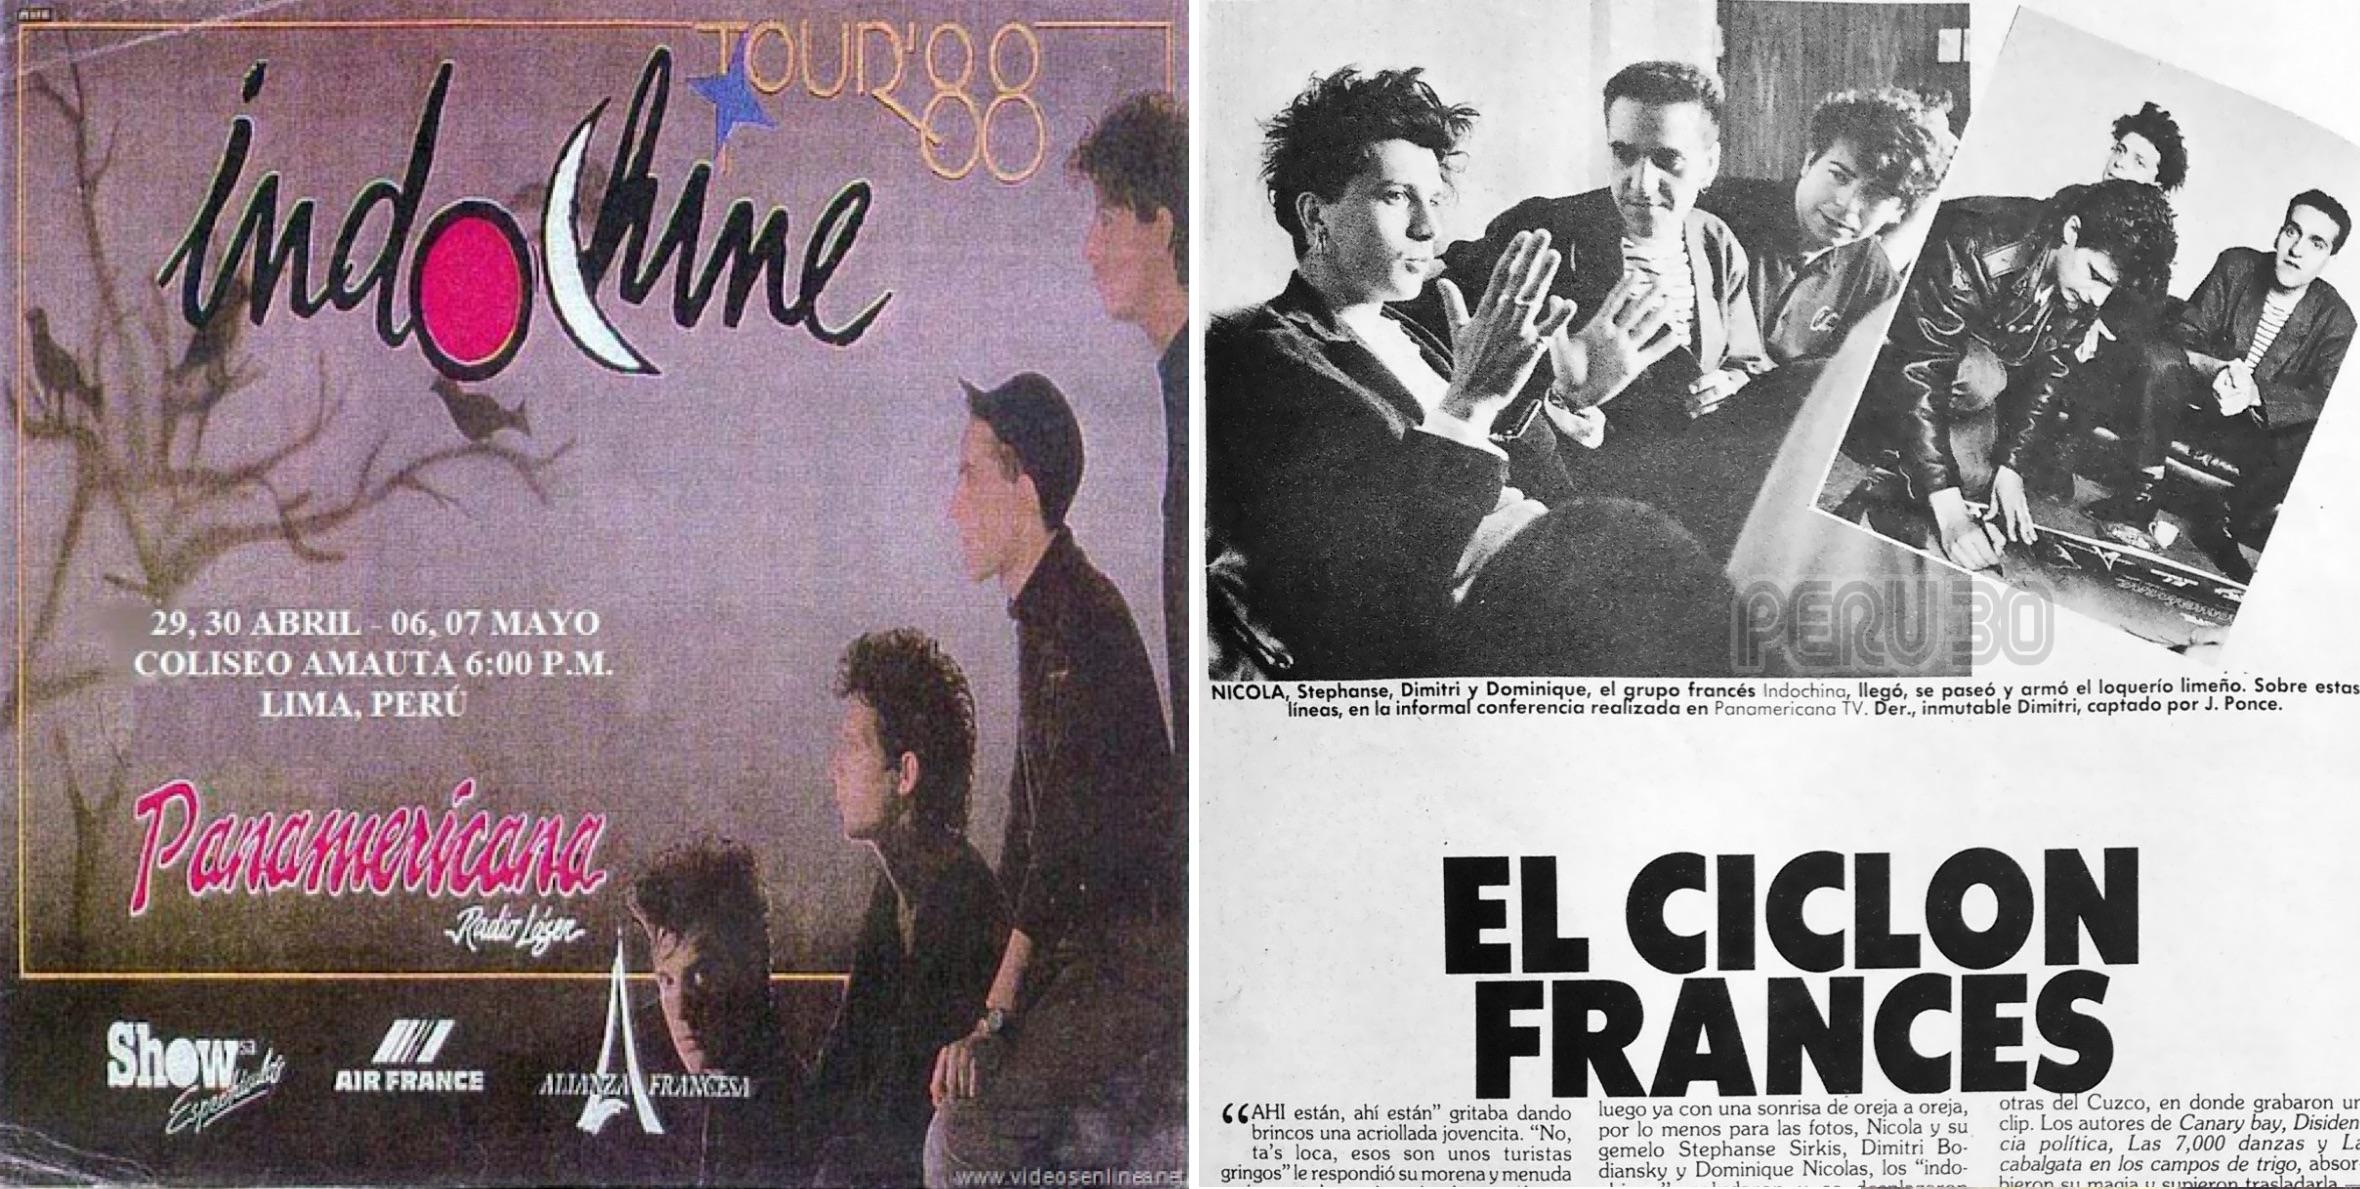 Izq: Afiche de los conciertos en Lima. Der: Artículo de la revista Oiga de 1988 (Peru30.wordpress.com).